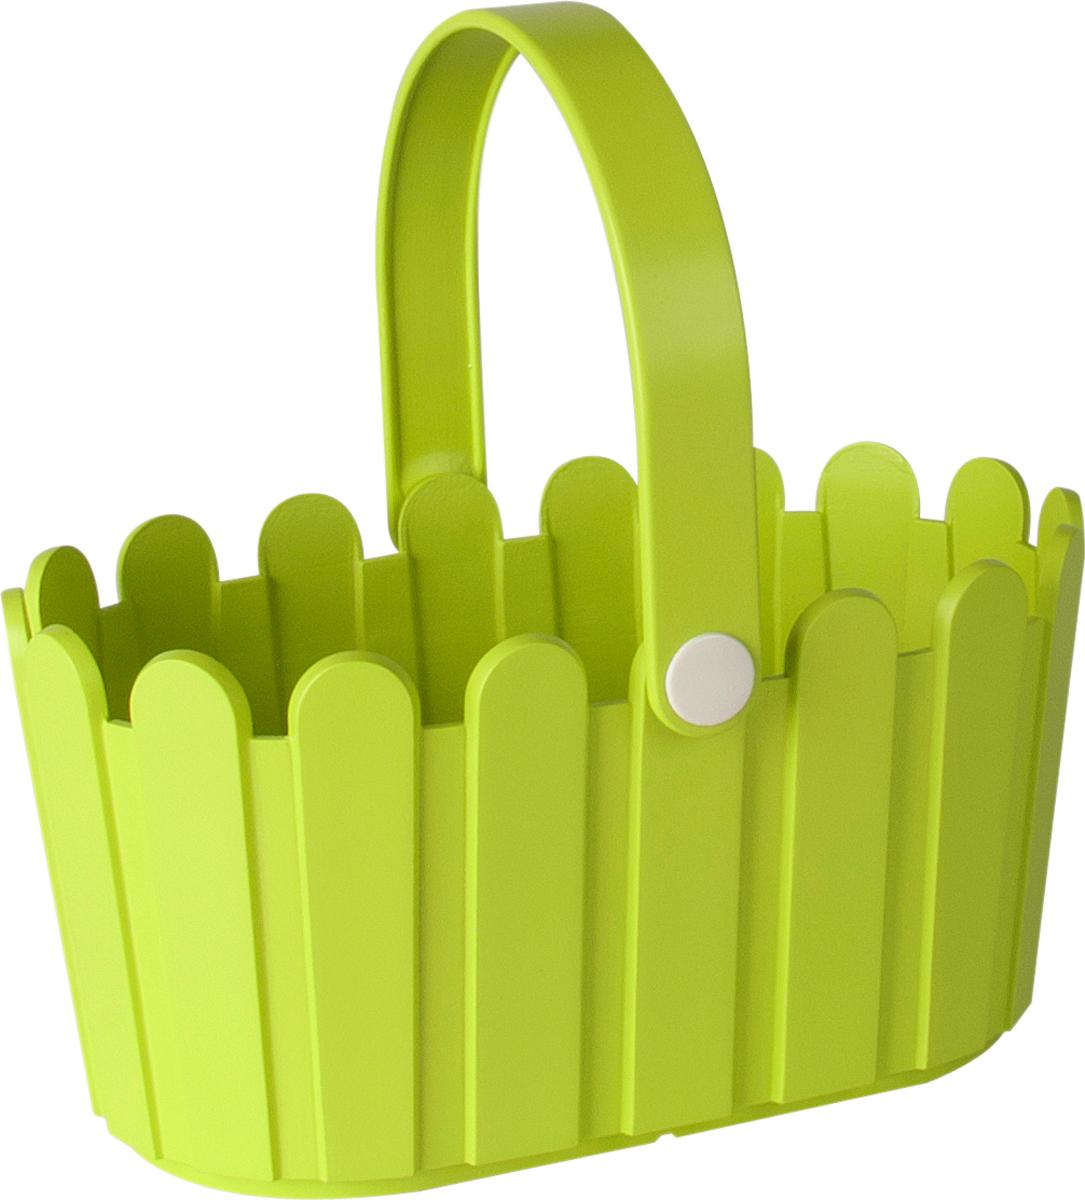 Кашпо Emsa Landhaus Basket, цвет: салатовый, 28 х 18 см ящик балконный emsa landhaus цвет темно зеленый 50 х 20 х 16 см